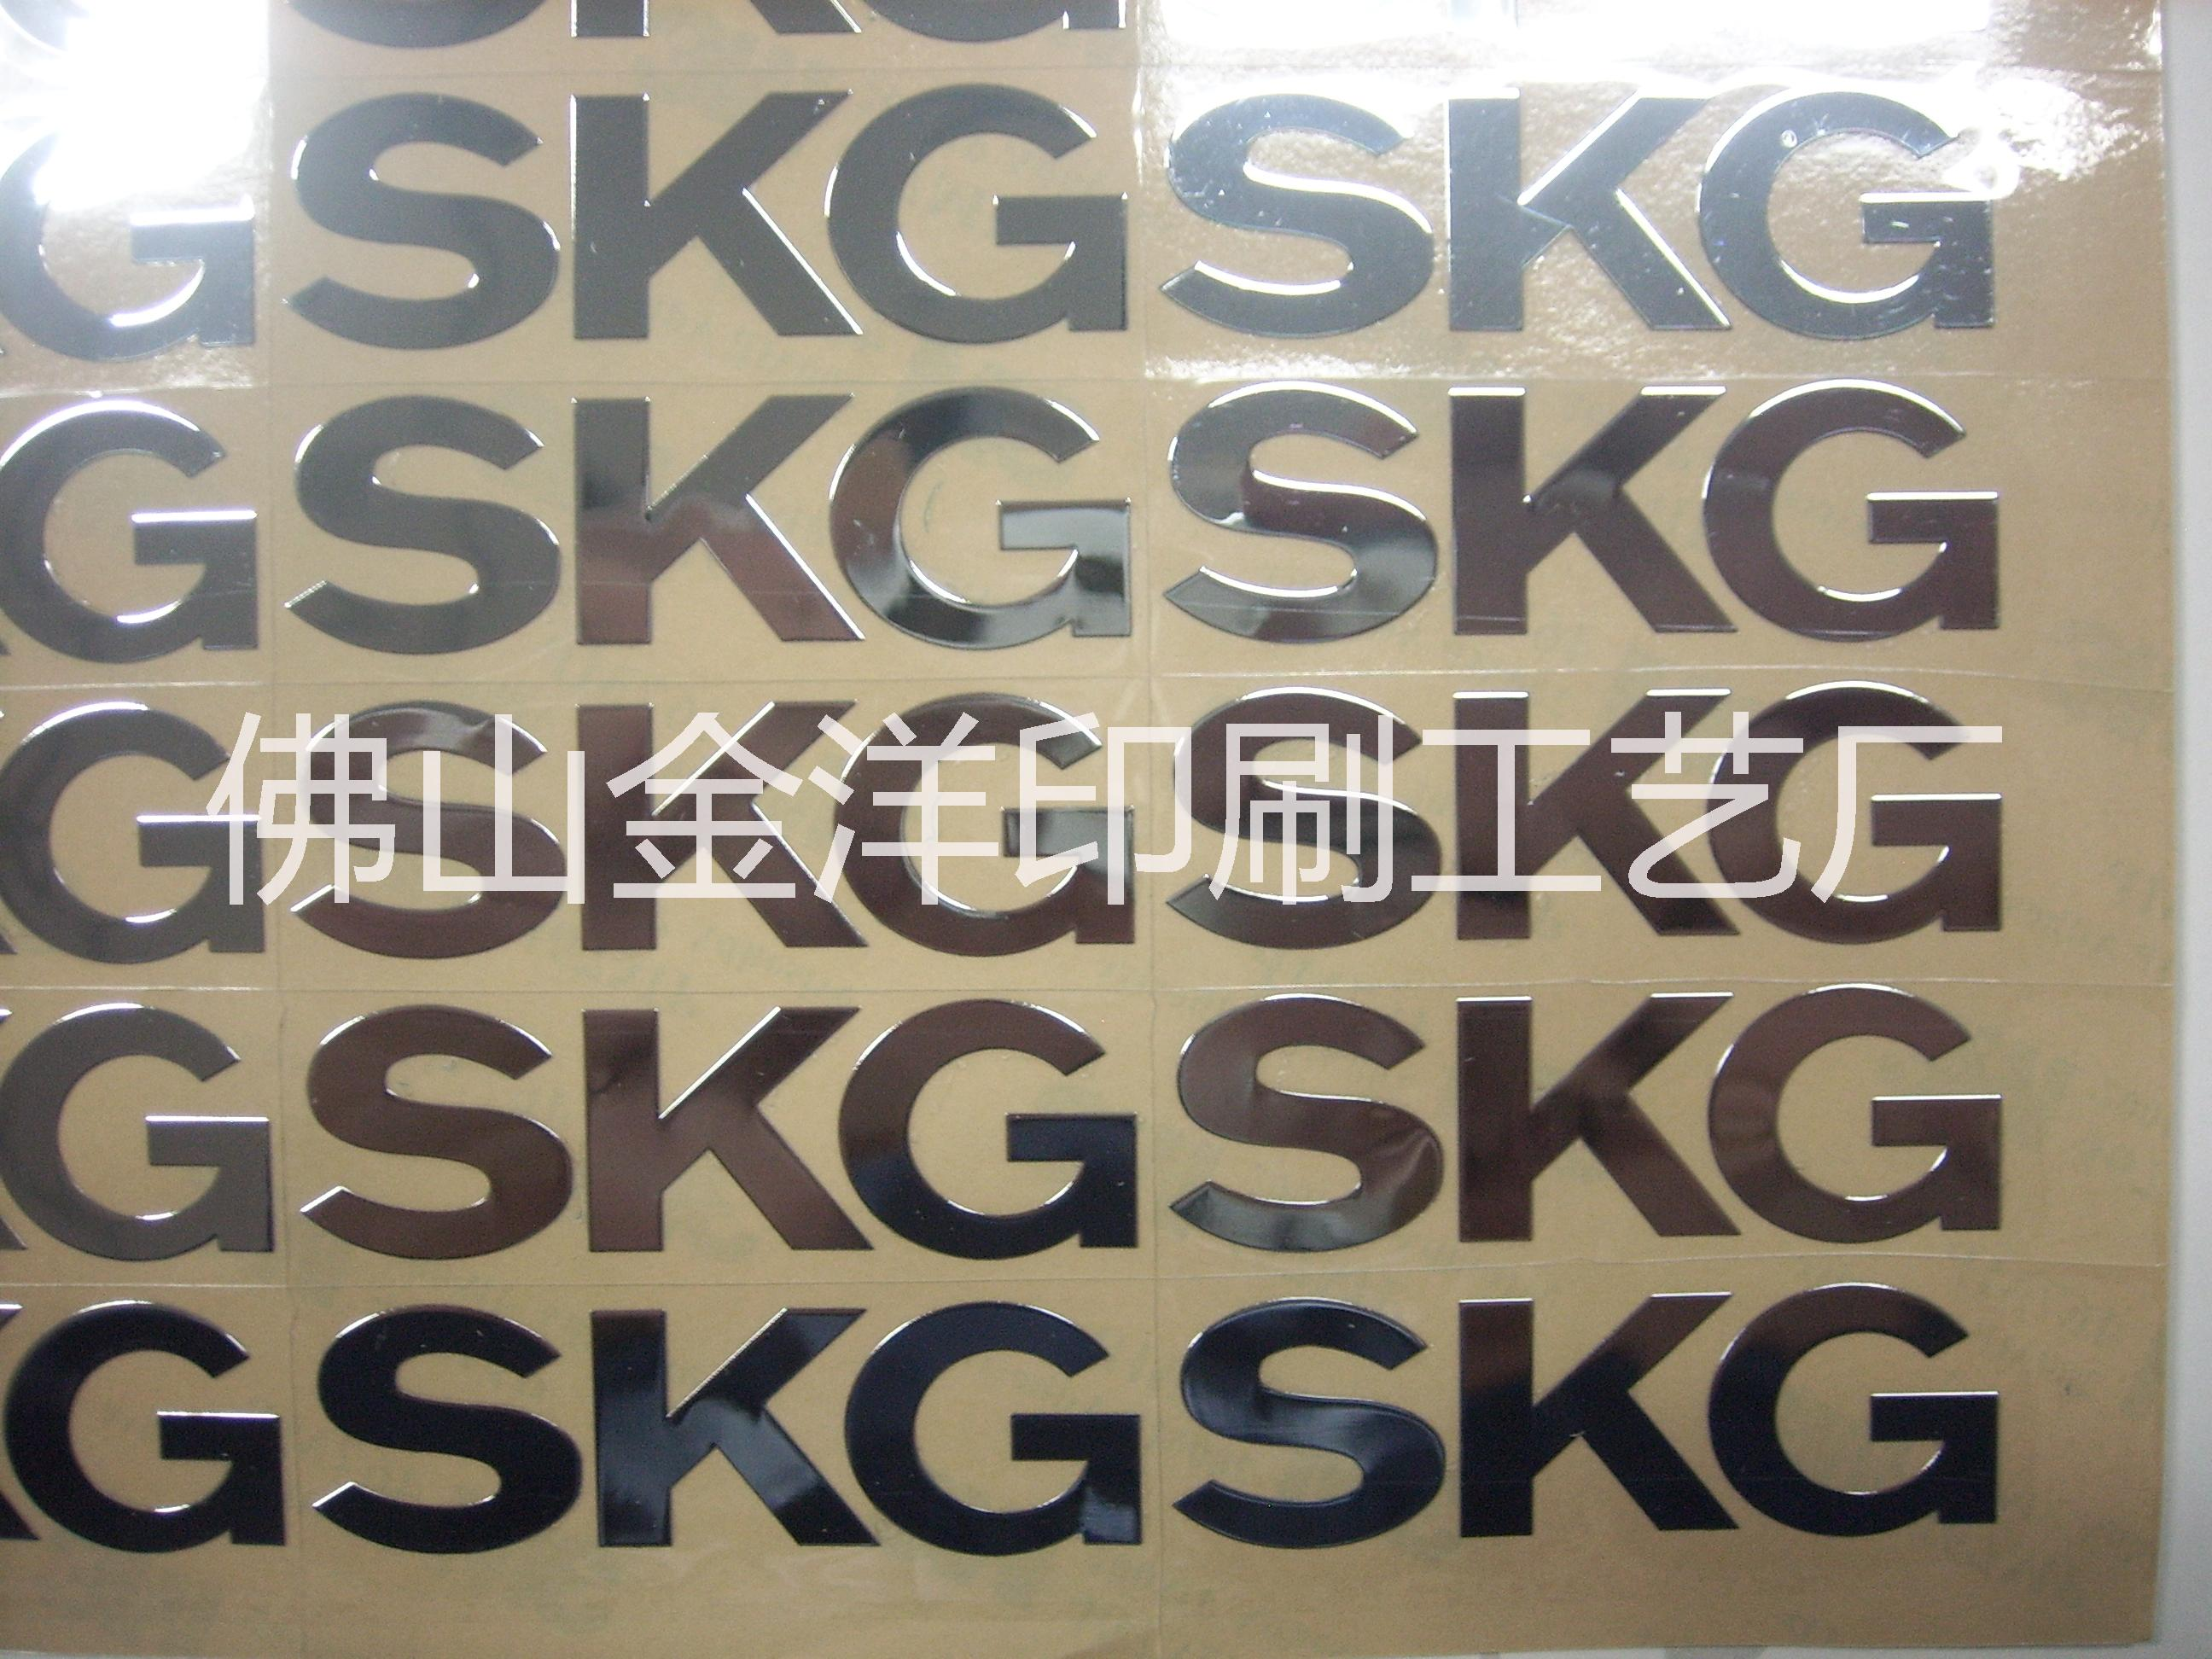 厂家供应各种反光铭牌、 反光贴纸、 不锈钢标贴、金属标识、电铸标贴 电铸铭牌